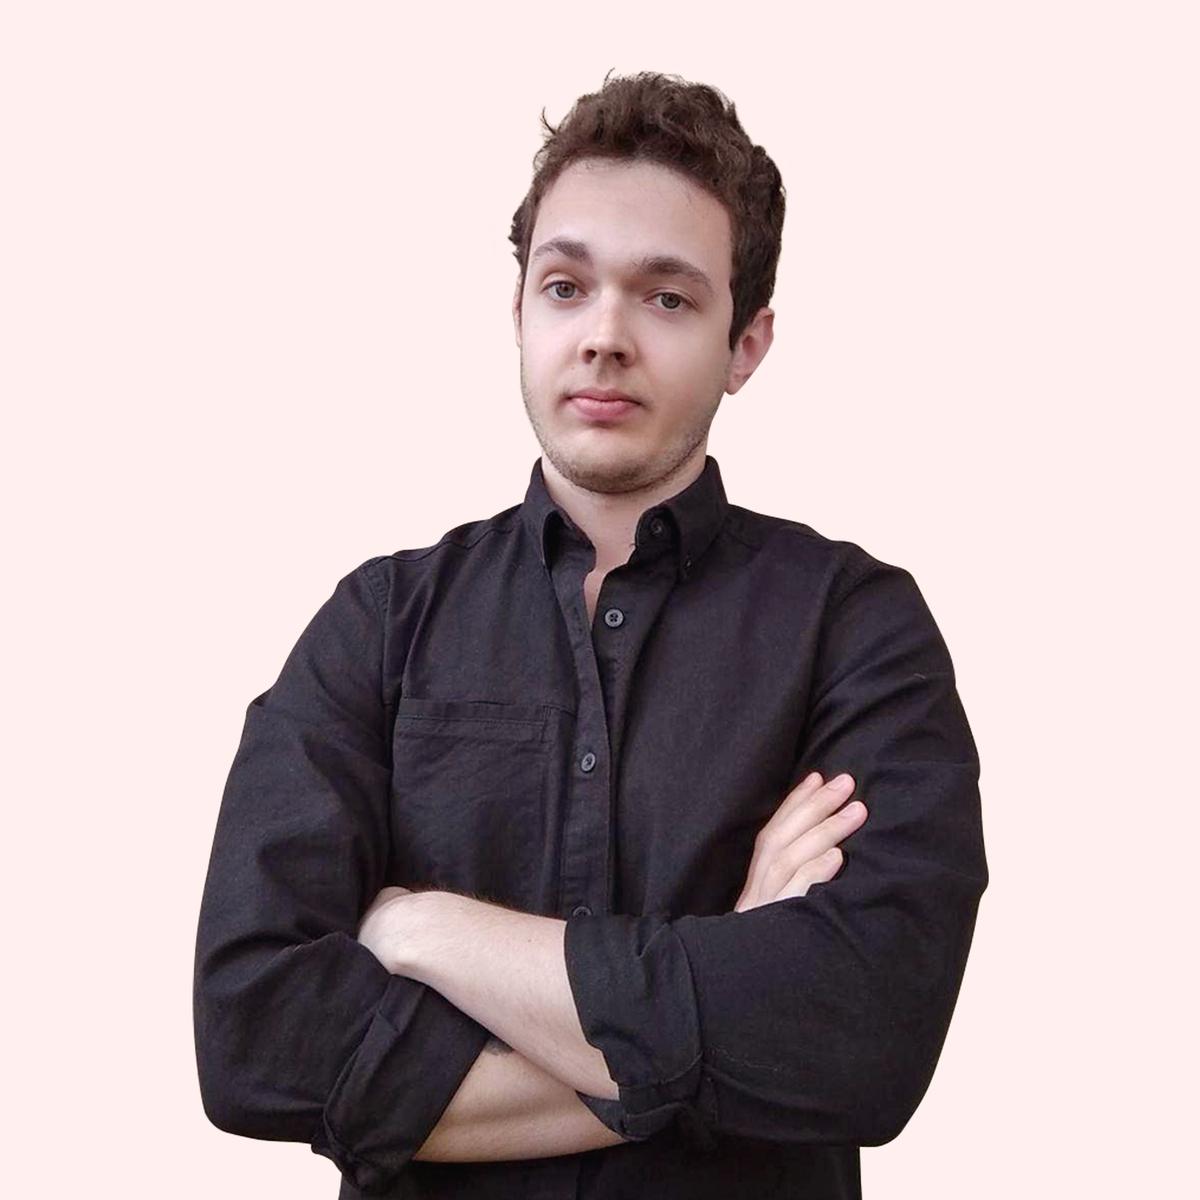 Mykhailo Kardakov